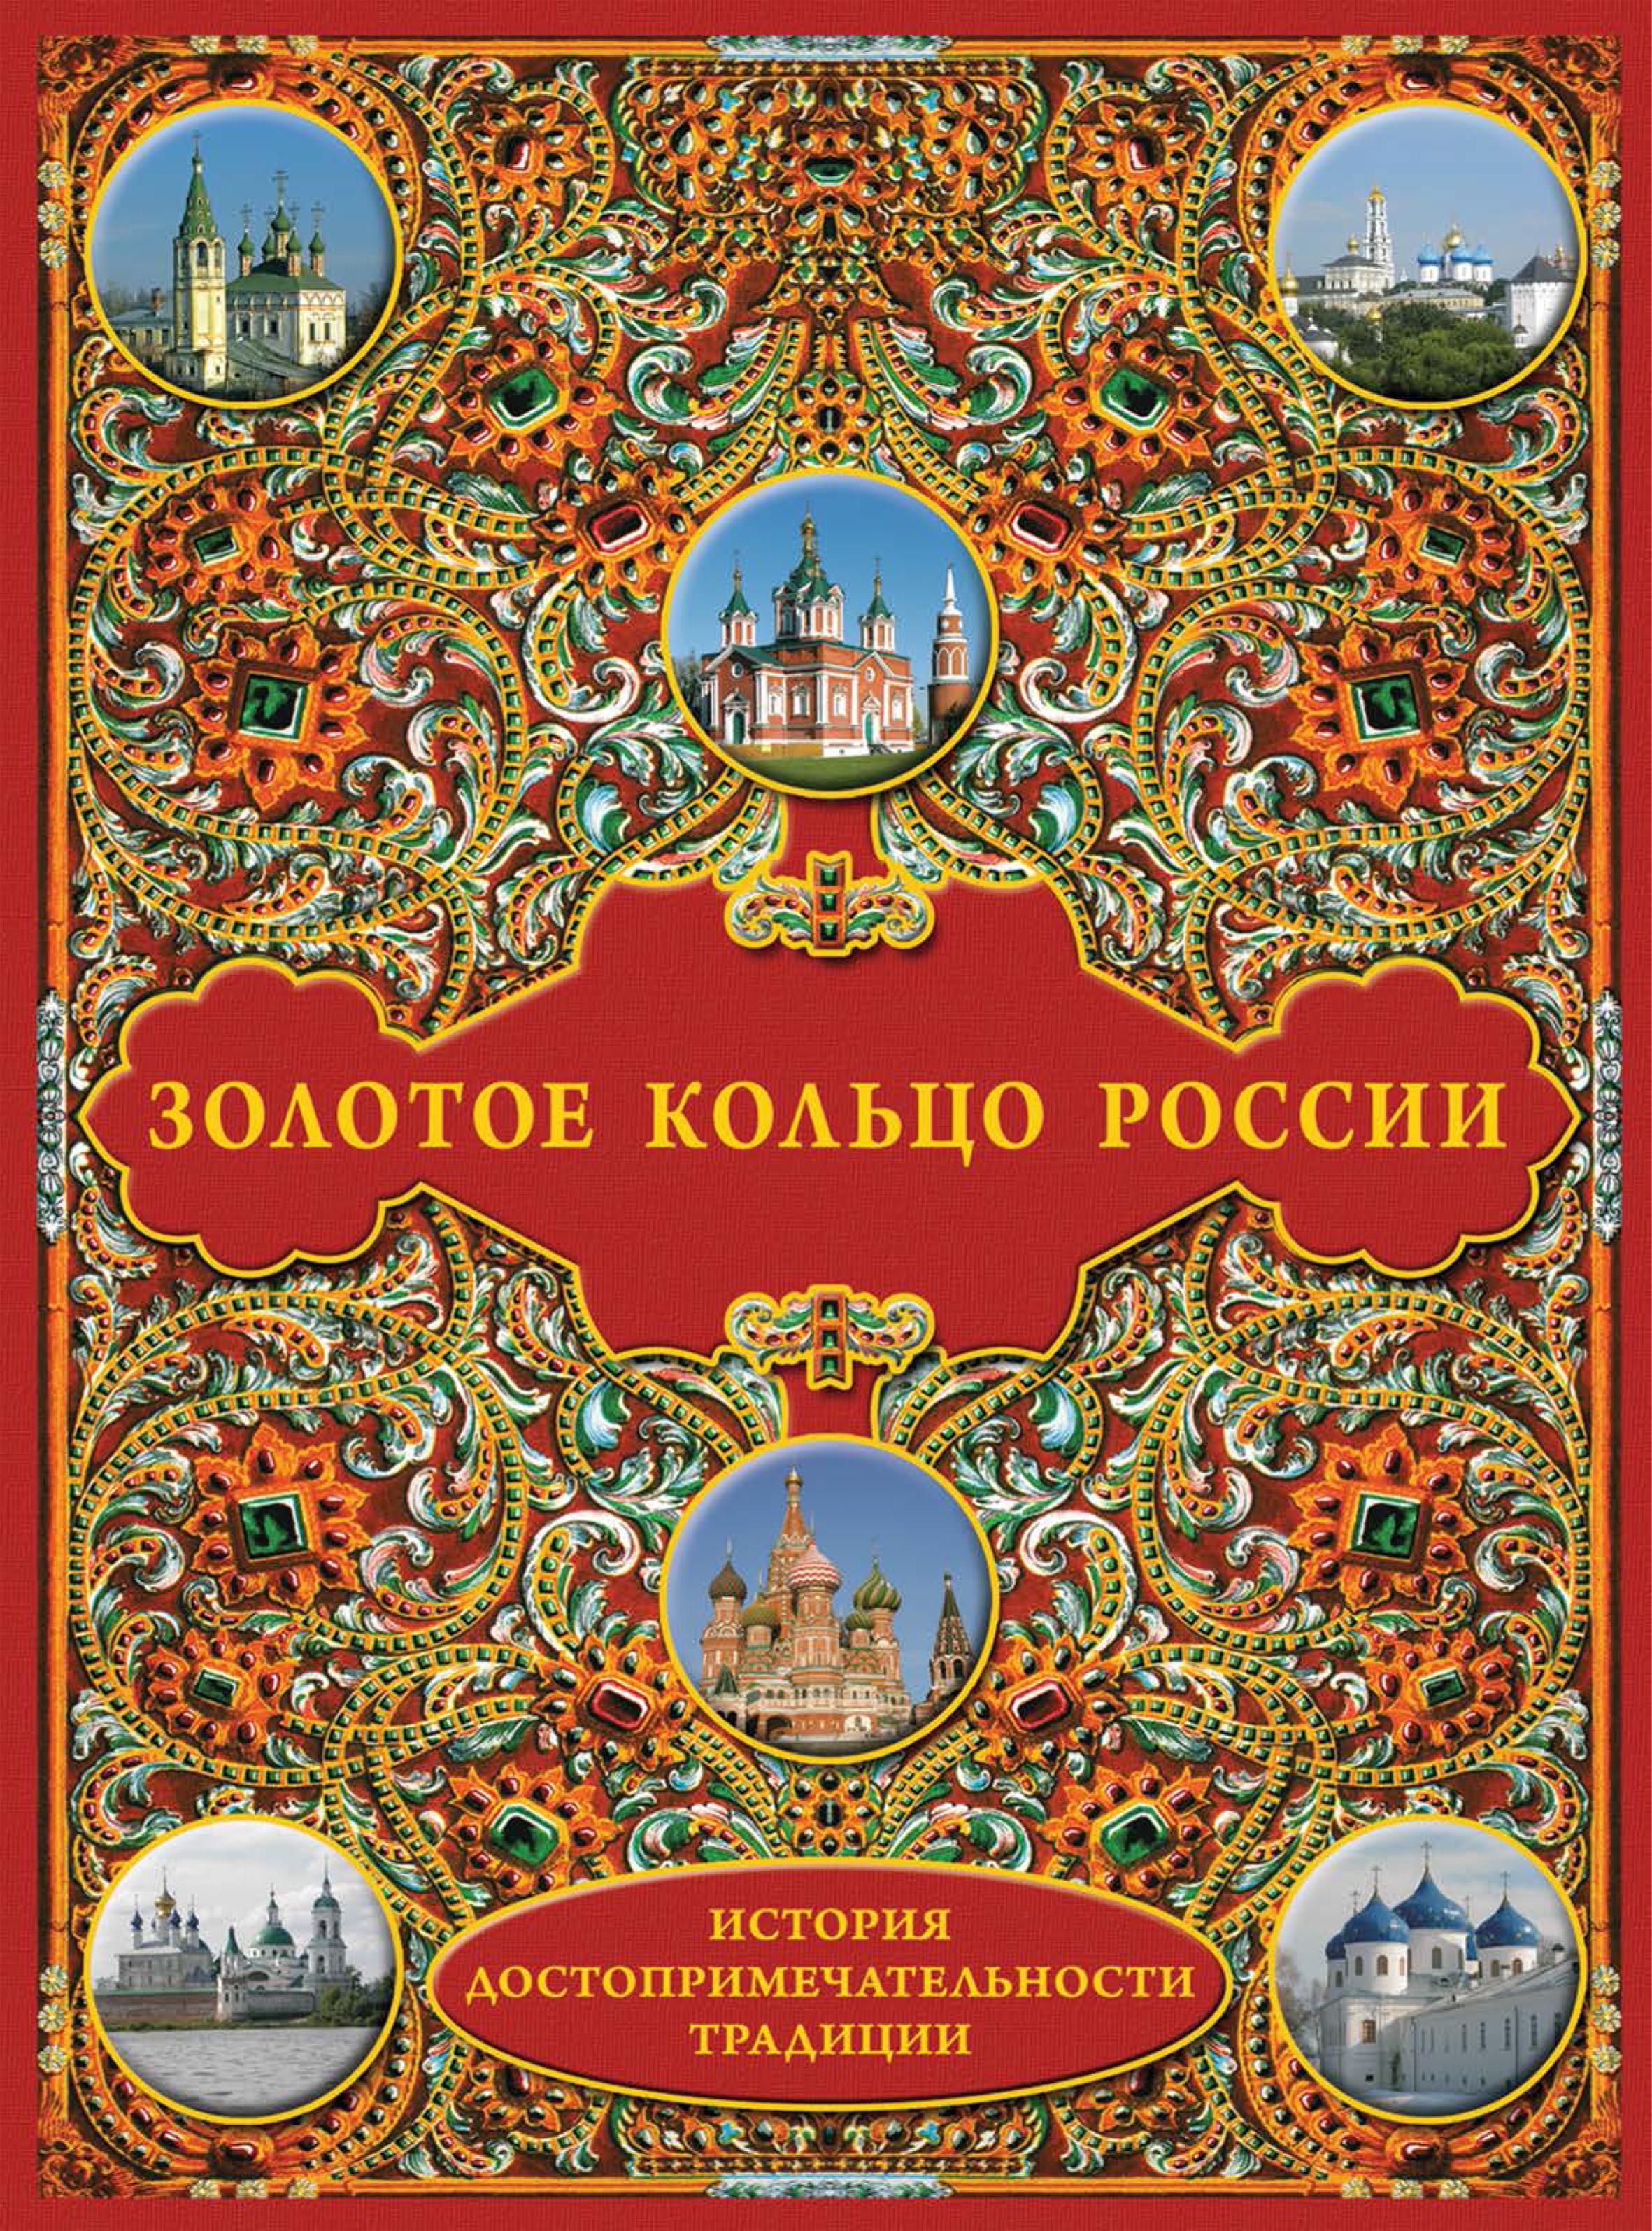 цены на Отсутствует Золотое кольцо России: История. Достопримечательности. Традиции  в интернет-магазинах